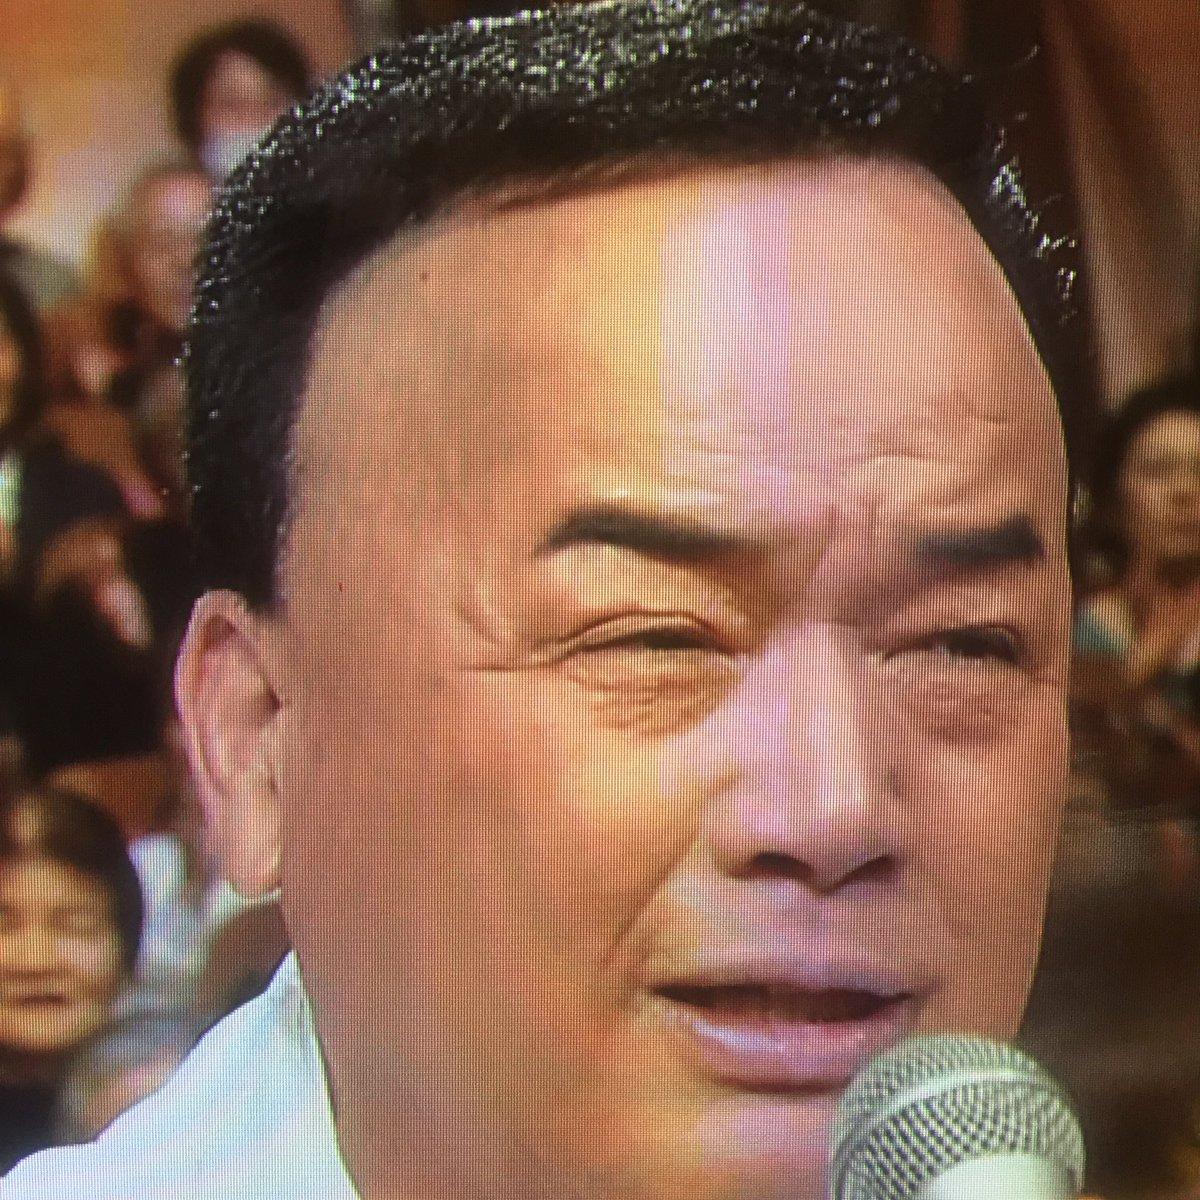 細川たかしの髪、スチールウール製だな https://t.co/Mbycb6vVQD